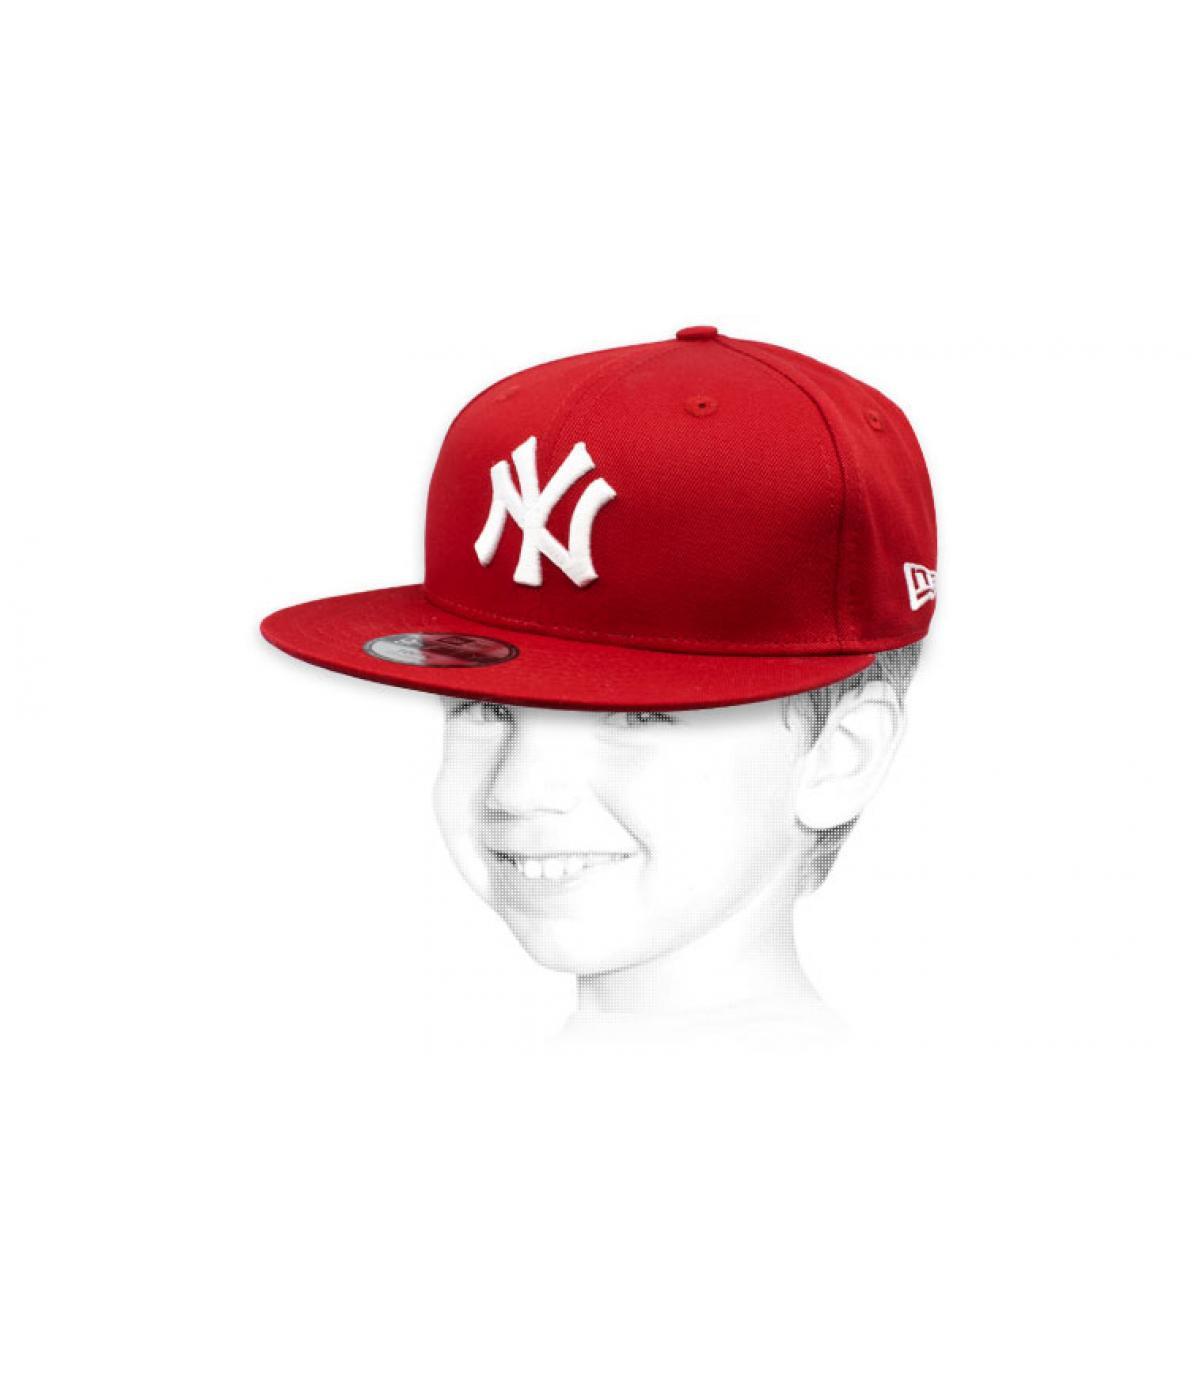 Kinder Cap NY rot weiß